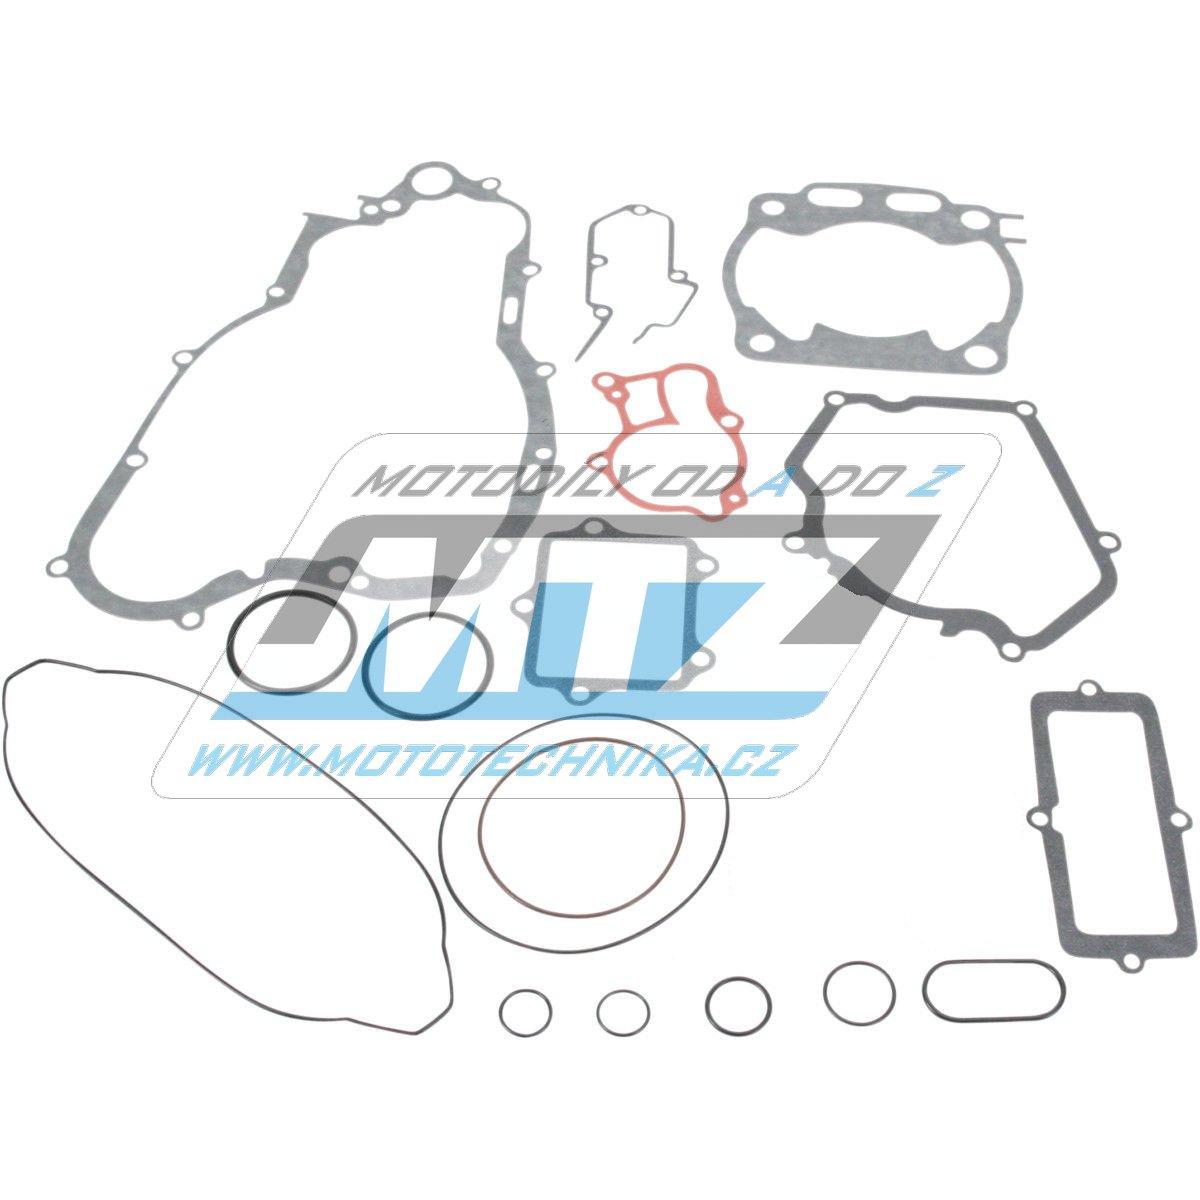 Těsnění kompletní motor Yamaha YZ250 / 02-18 + YZ250X / 16-18